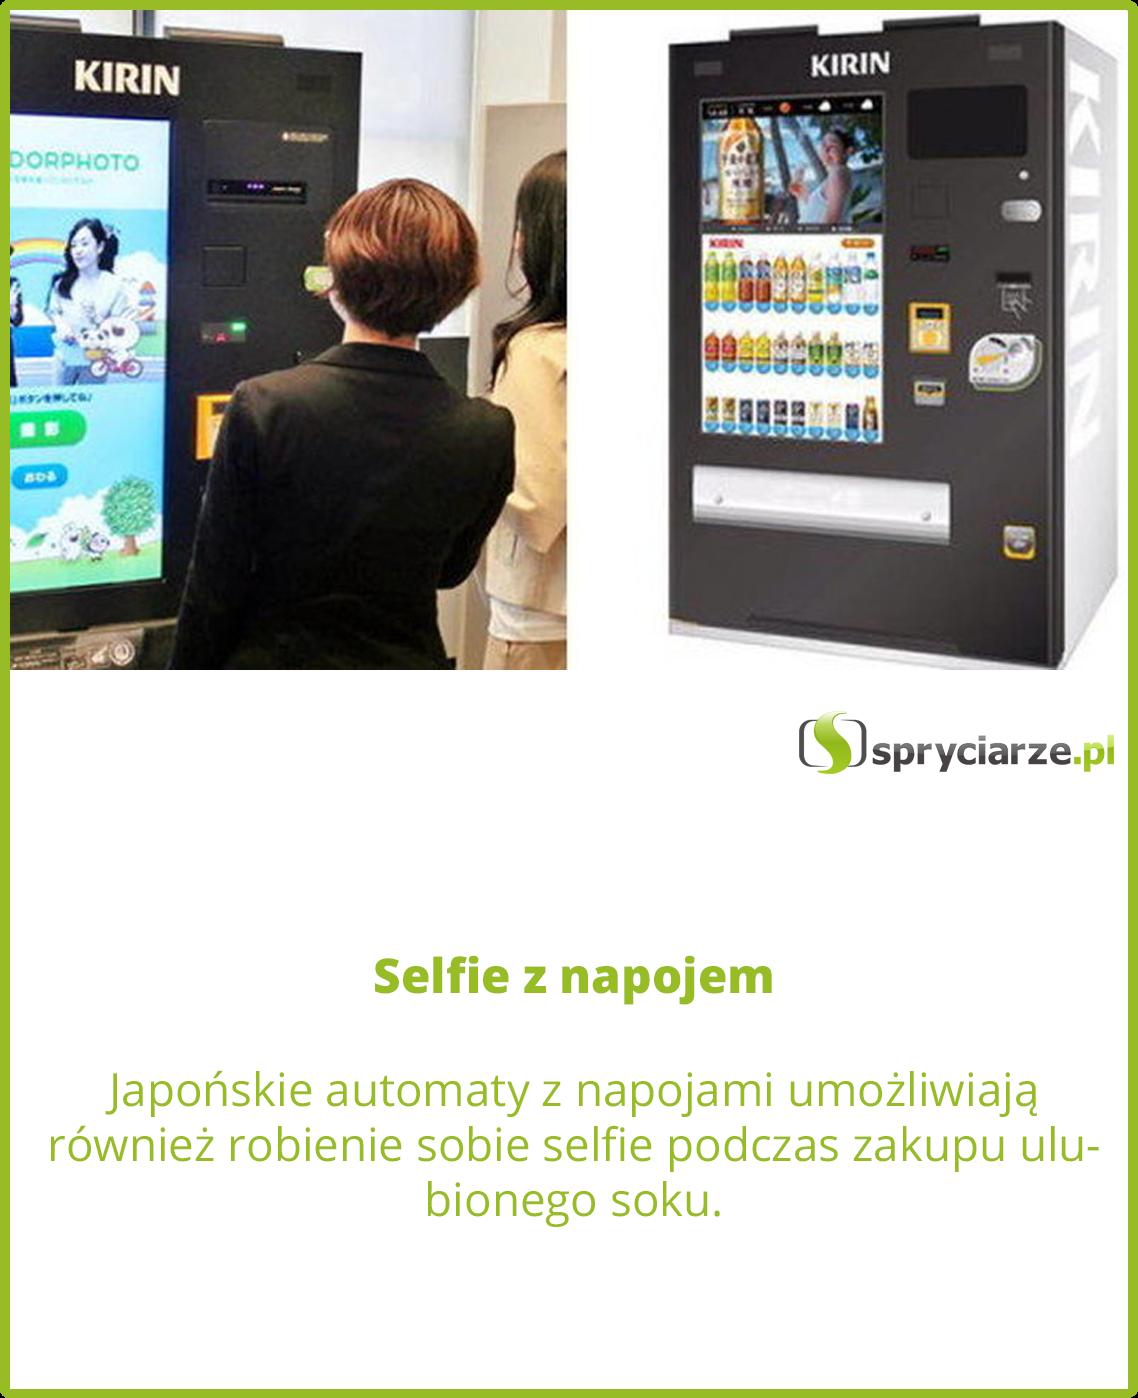 Selfie z napojem